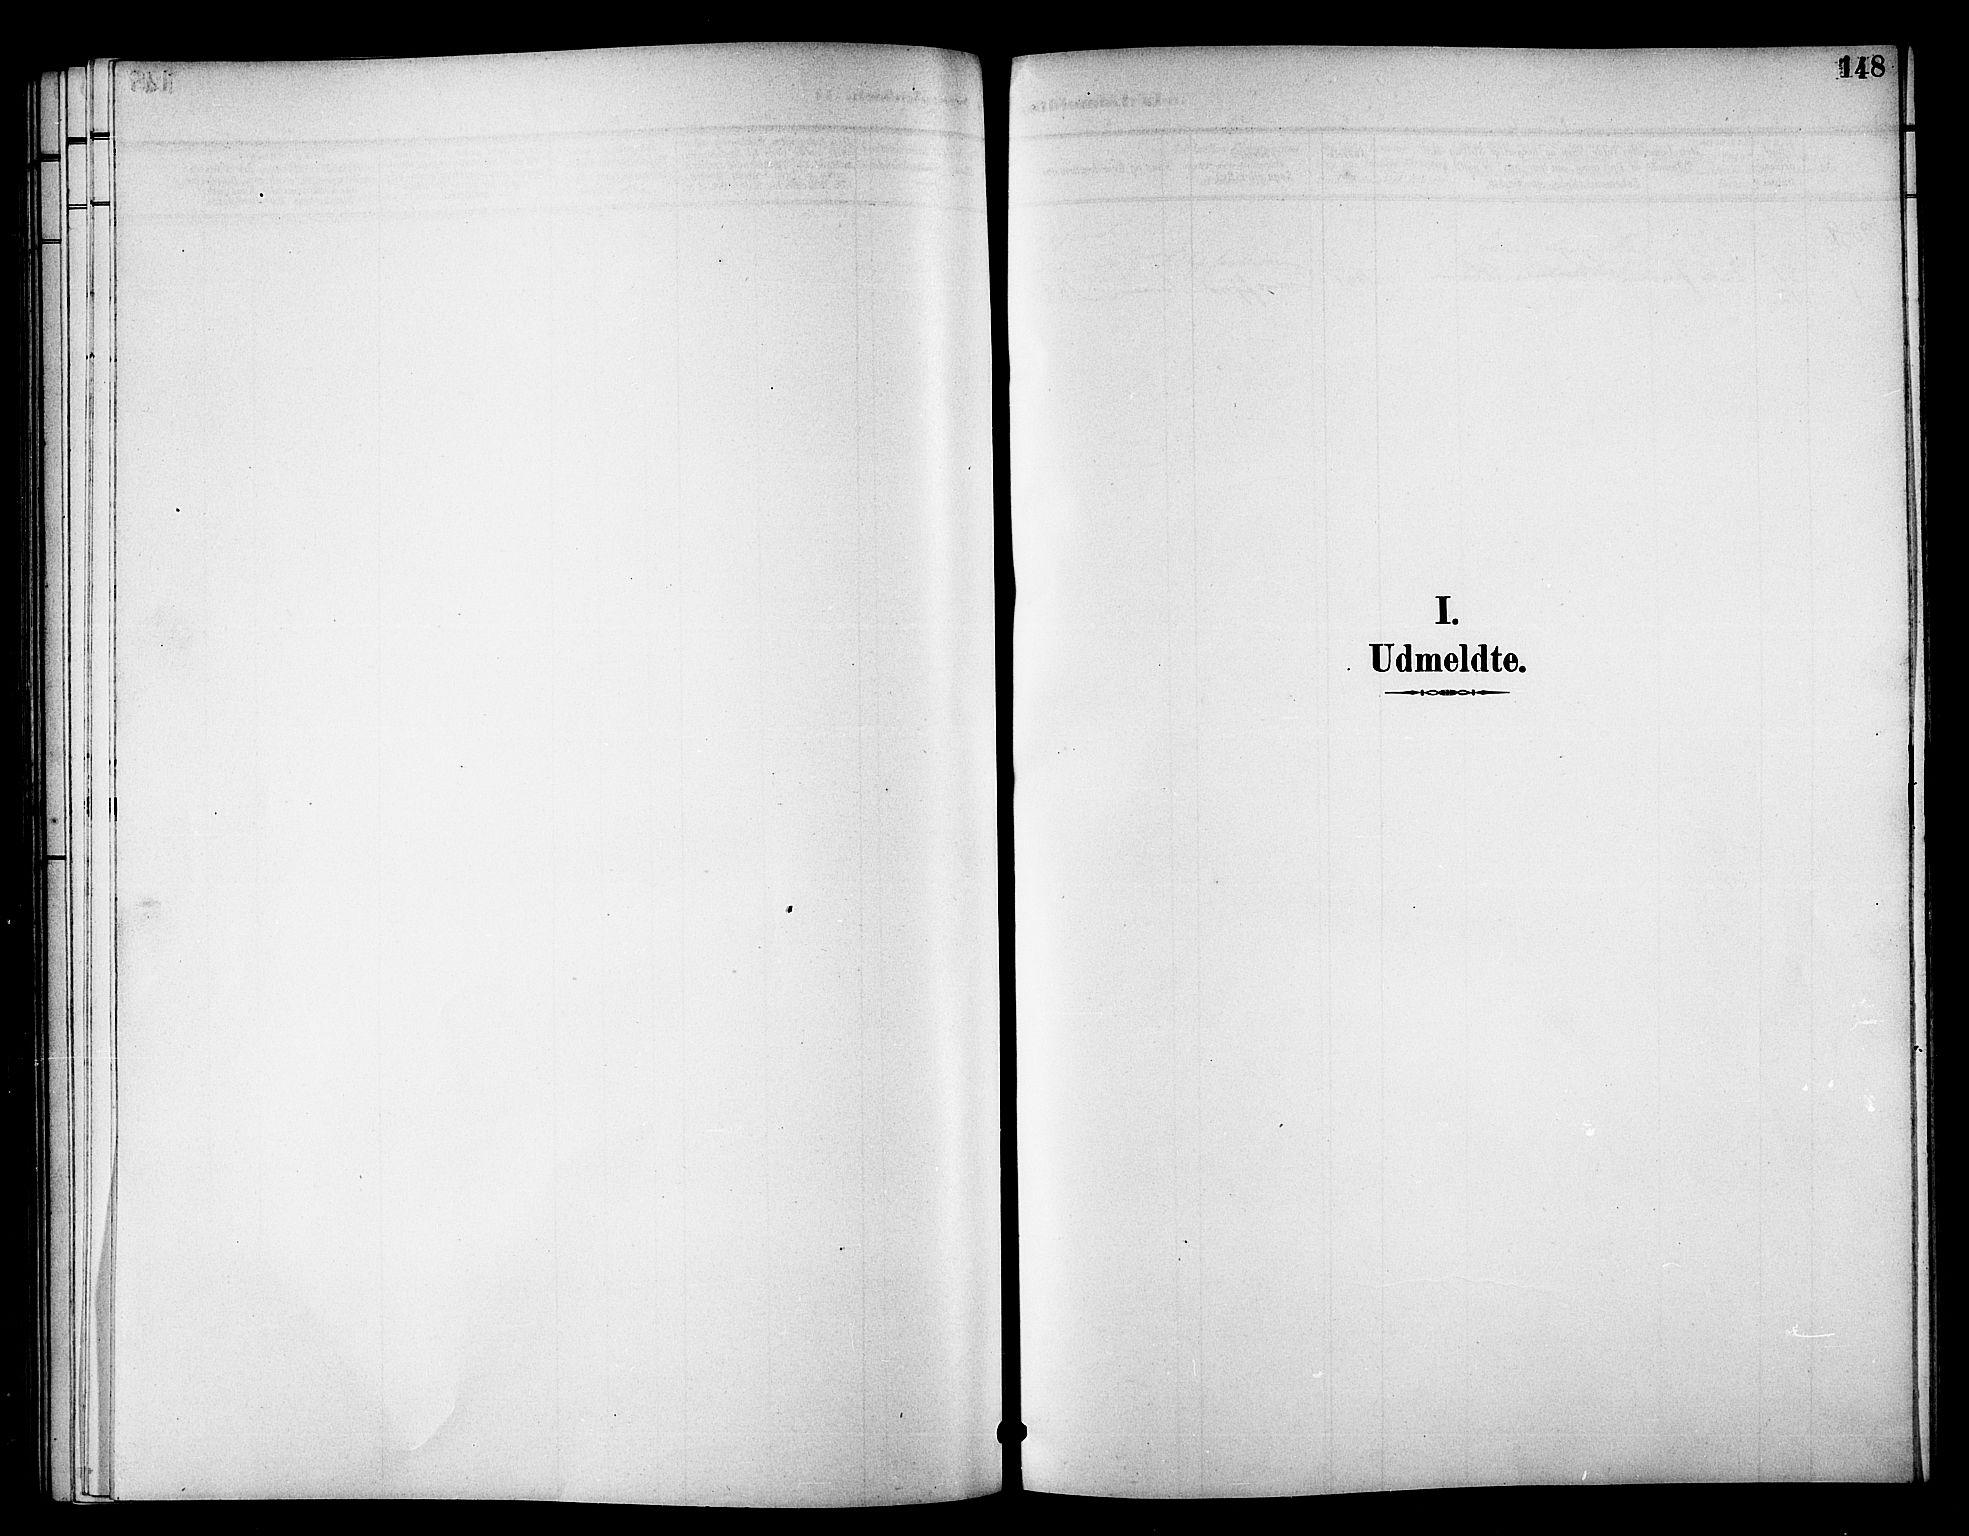 SATØ, Tana sokneprestkontor, H/Hb/L0006klokker: Klokkerbok nr. 6, 1892-1909, s. 148